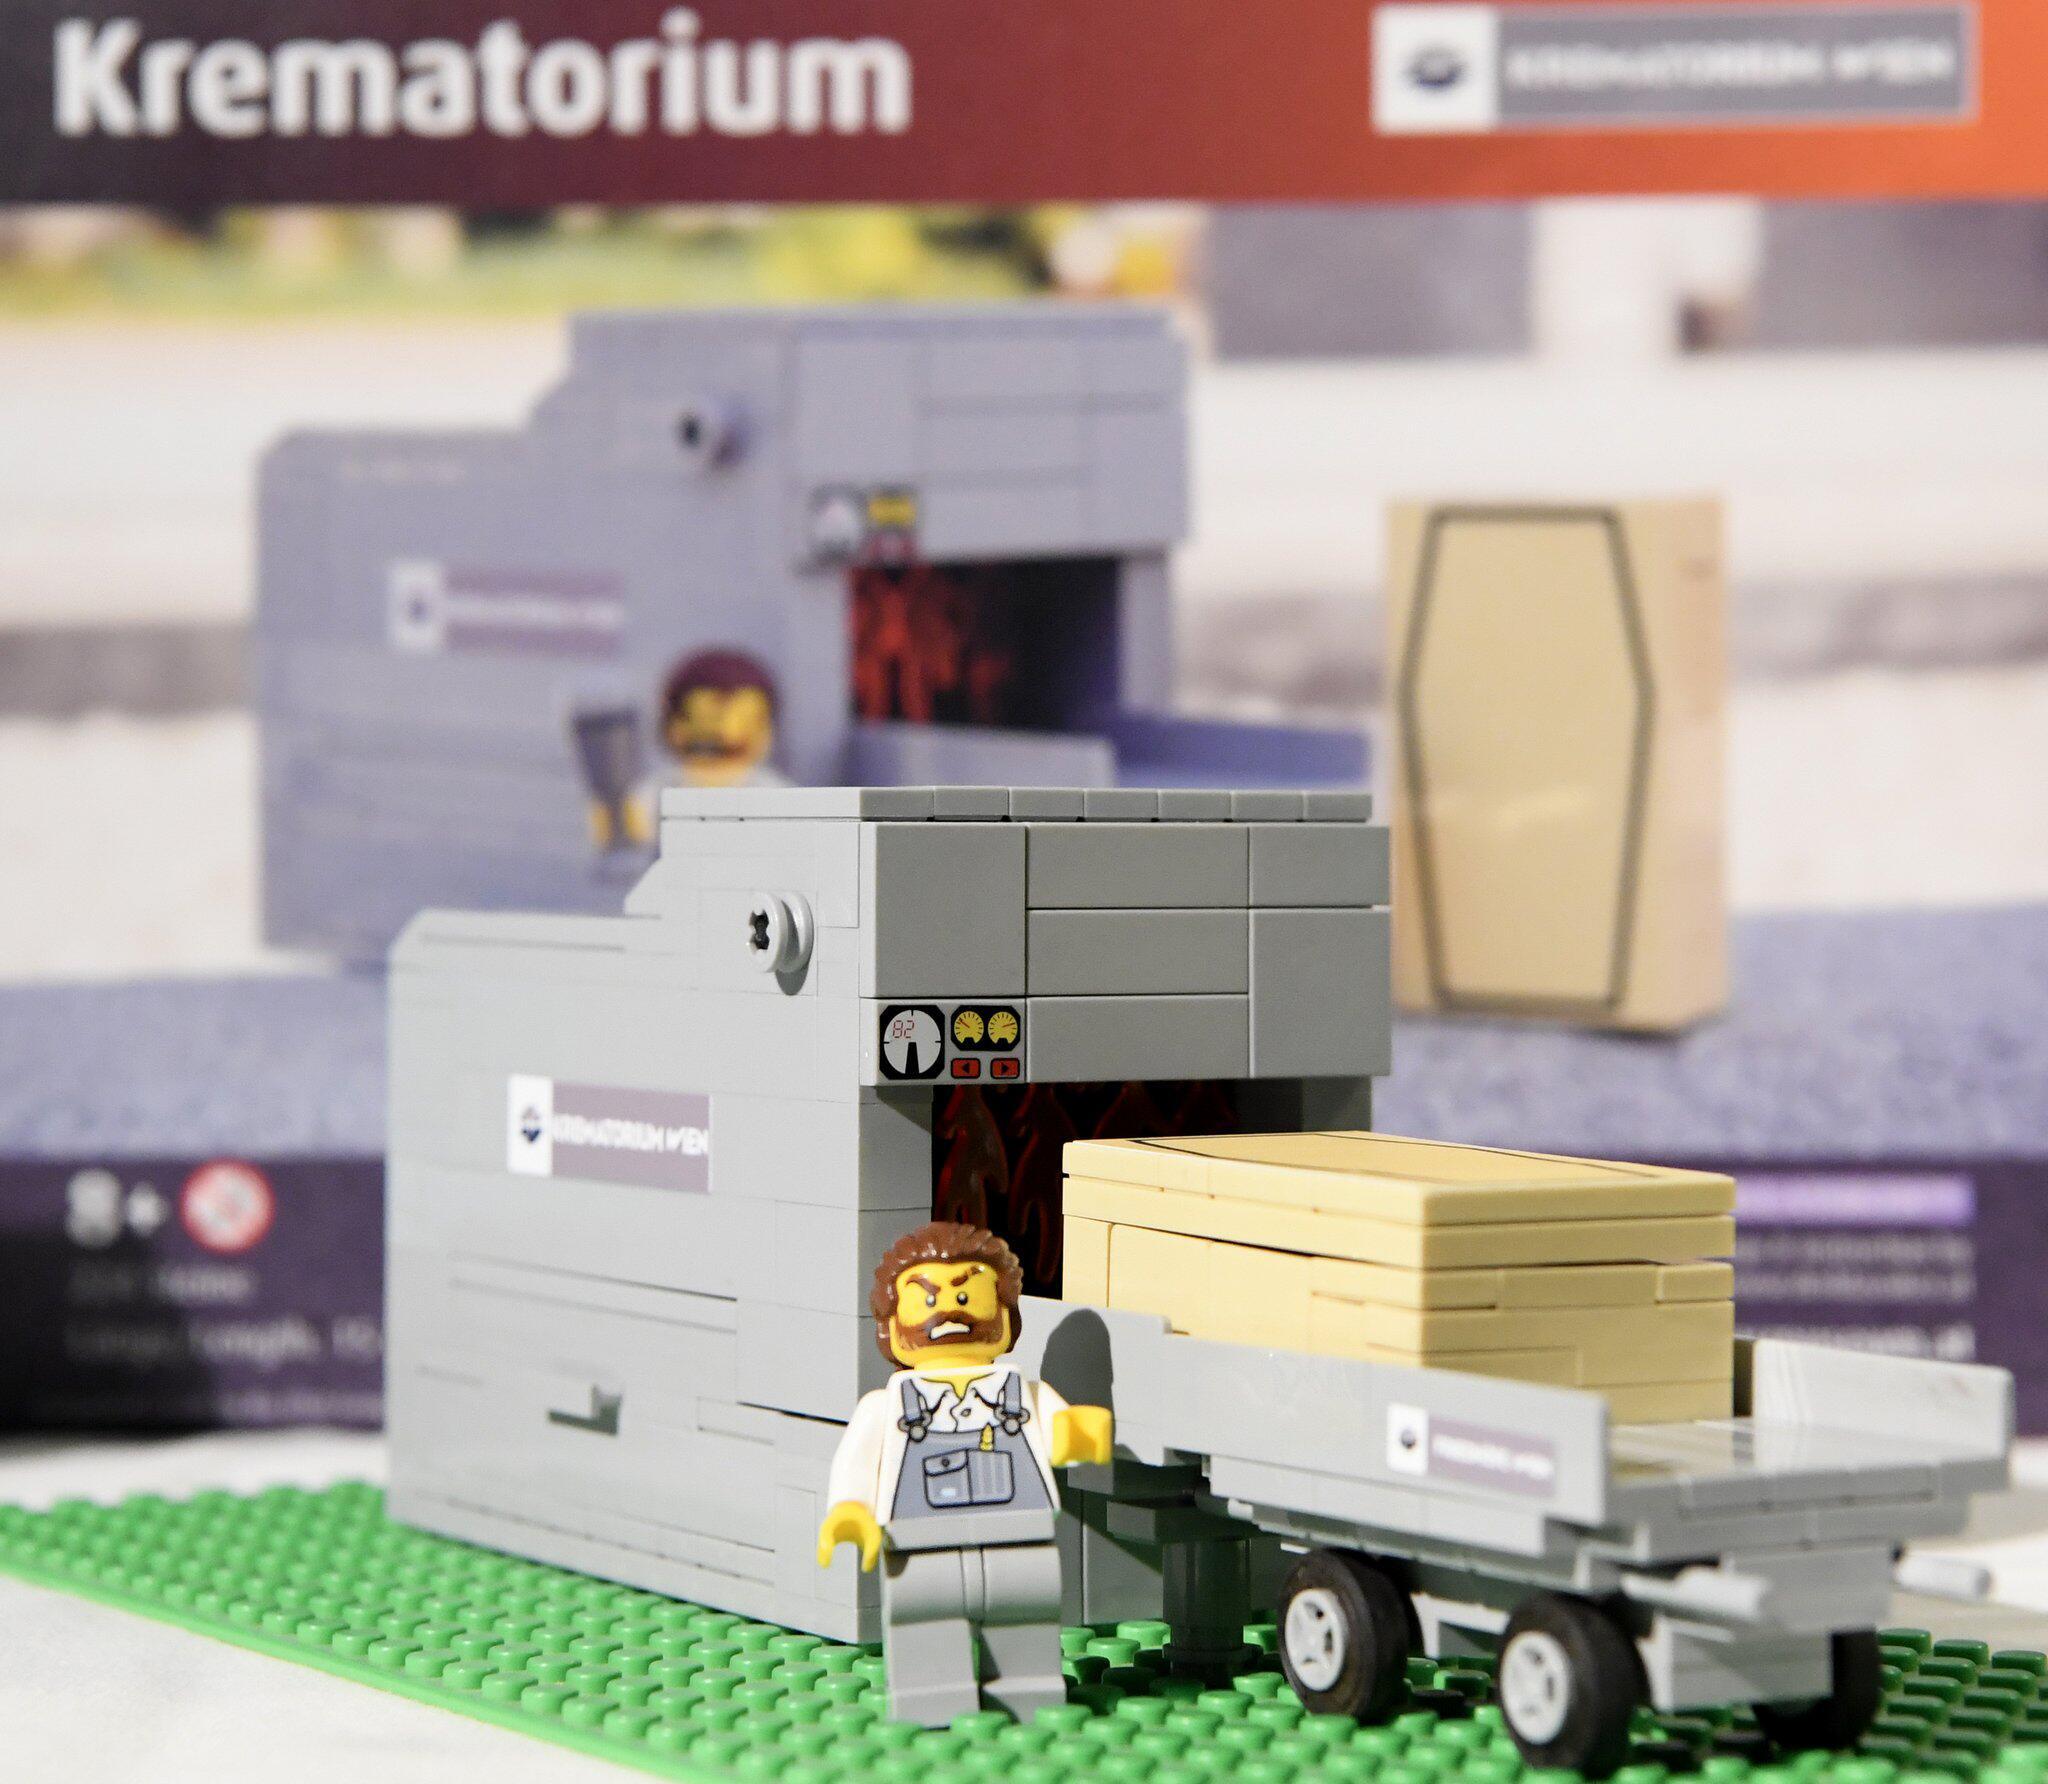 Bild zu Krematorium aus Lego-Bausteinen